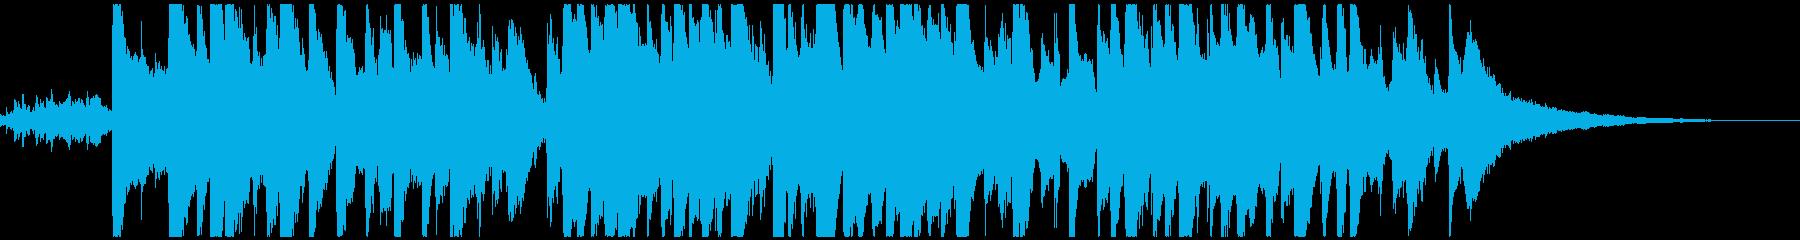 かわいい鉄琴メロの童謡「お正月」ボサノバの再生済みの波形